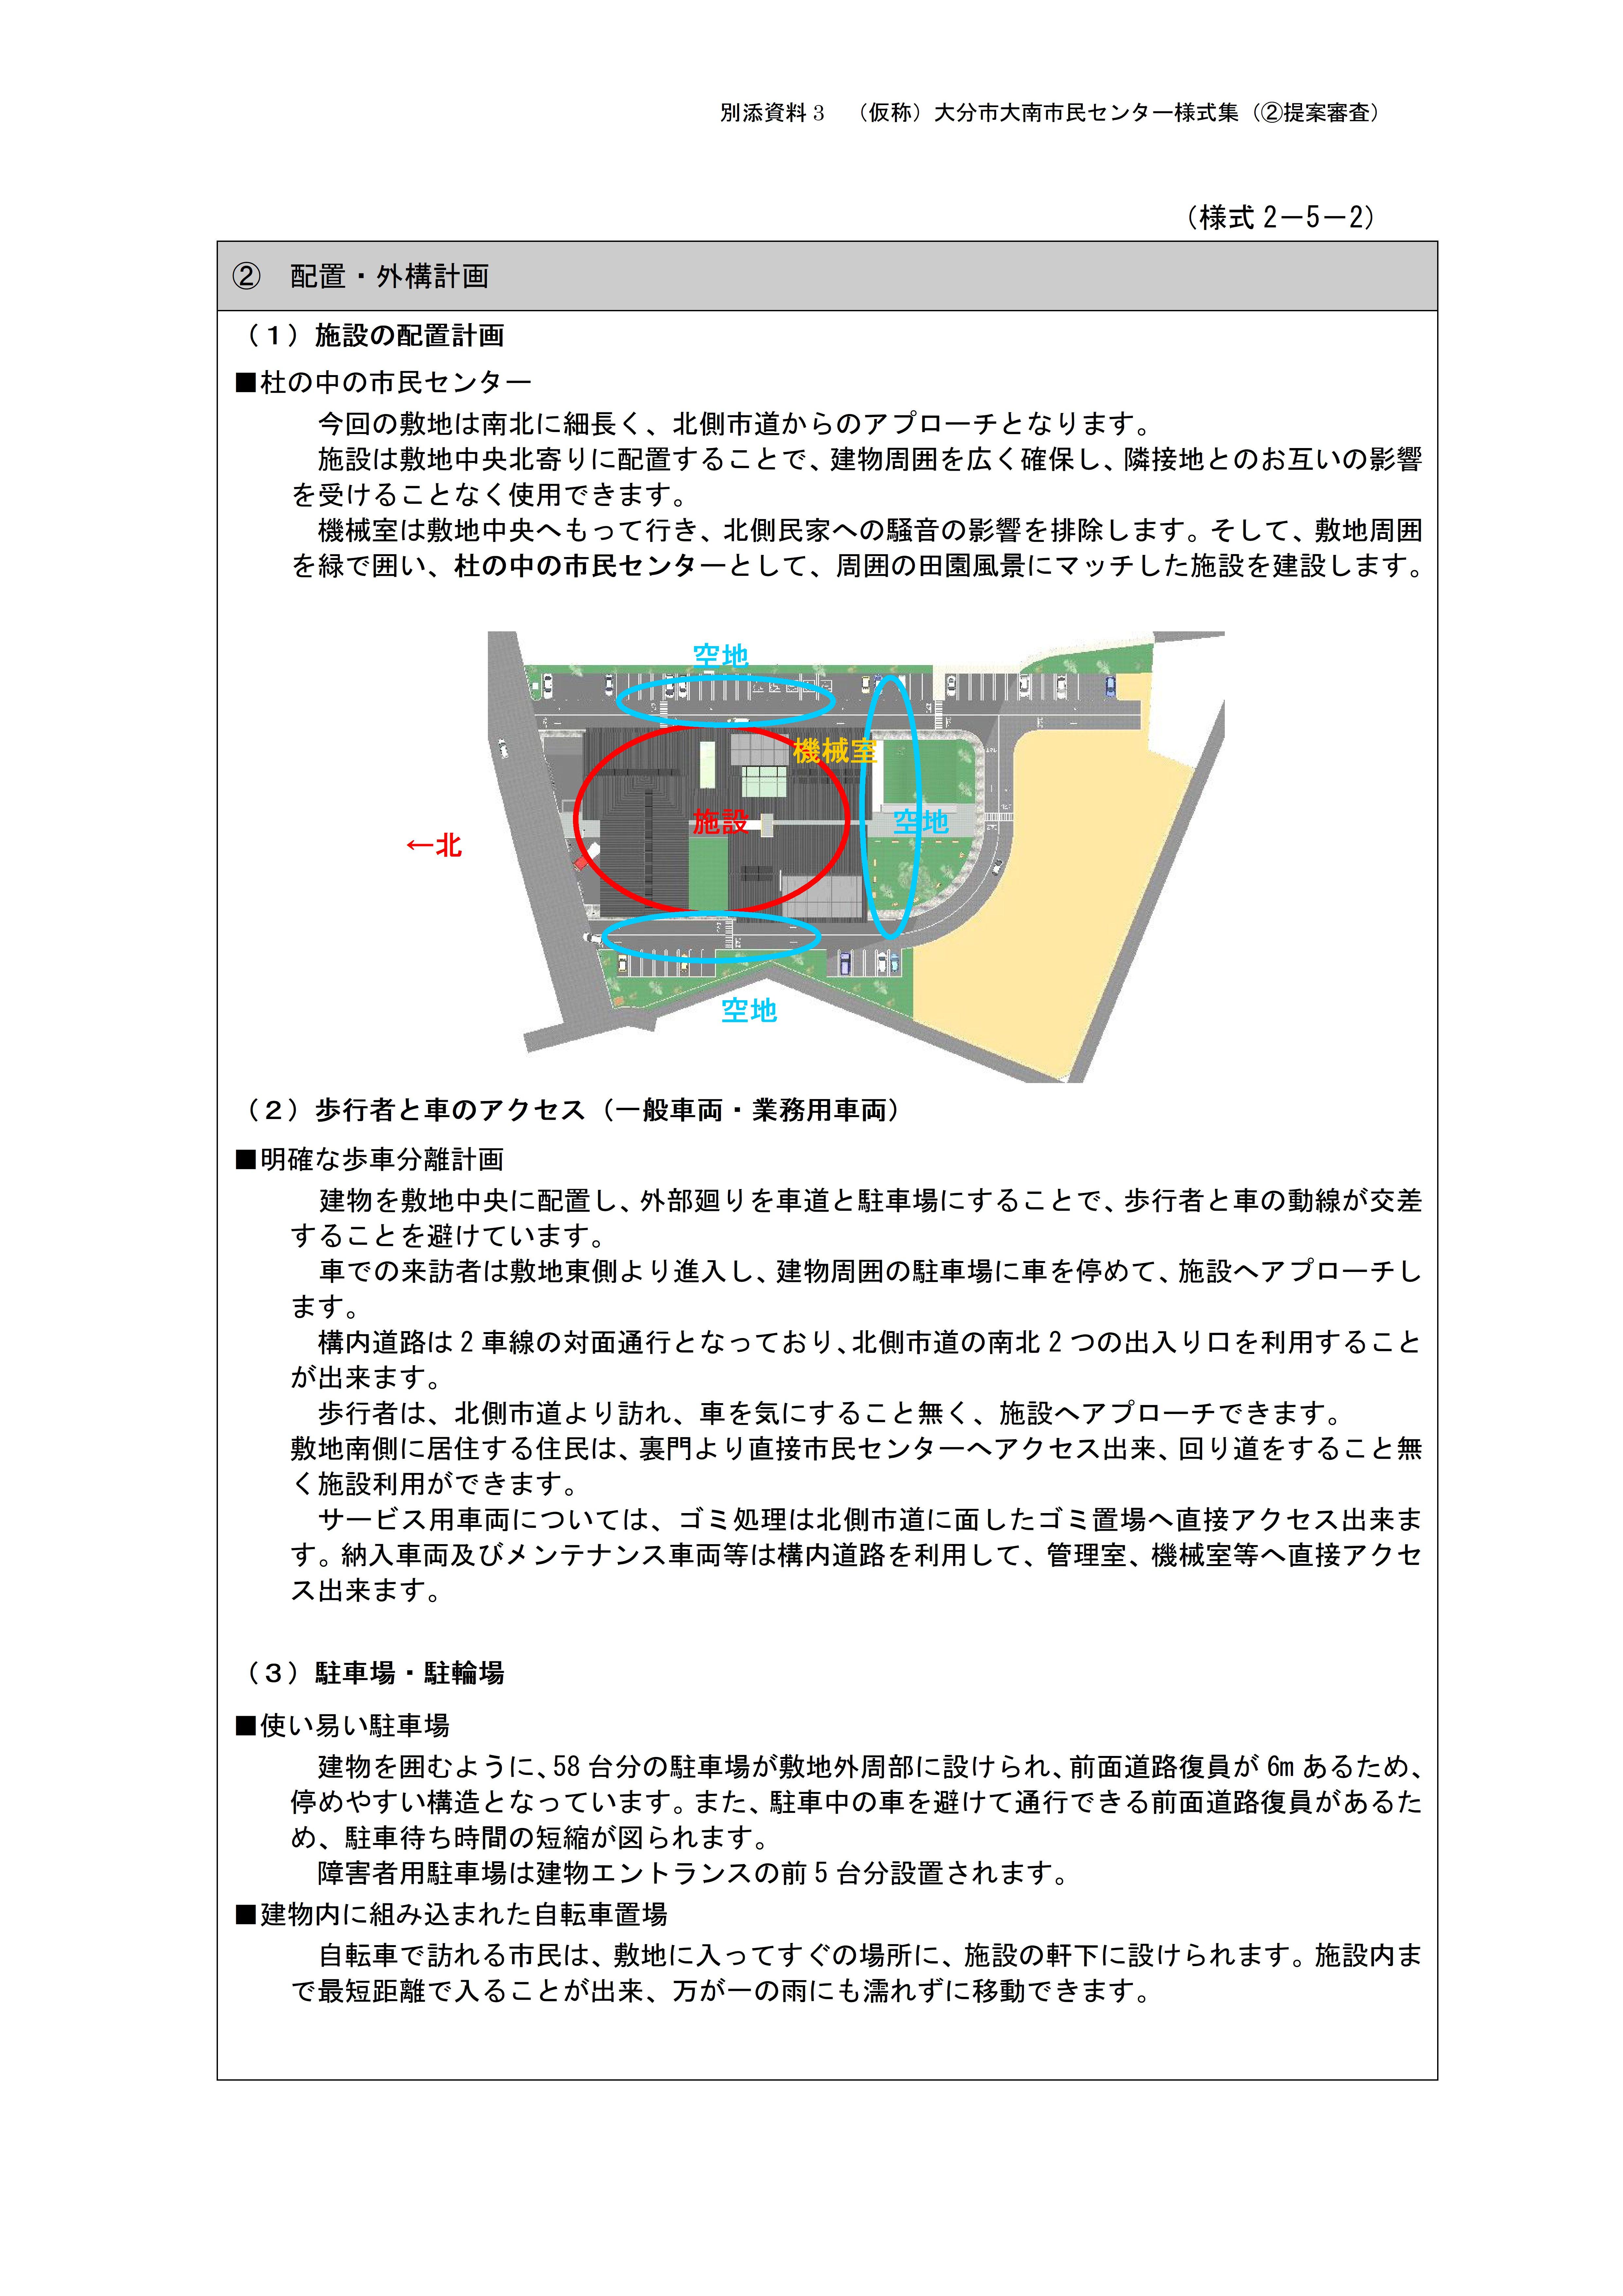 12 設計提出書類(最終)-3